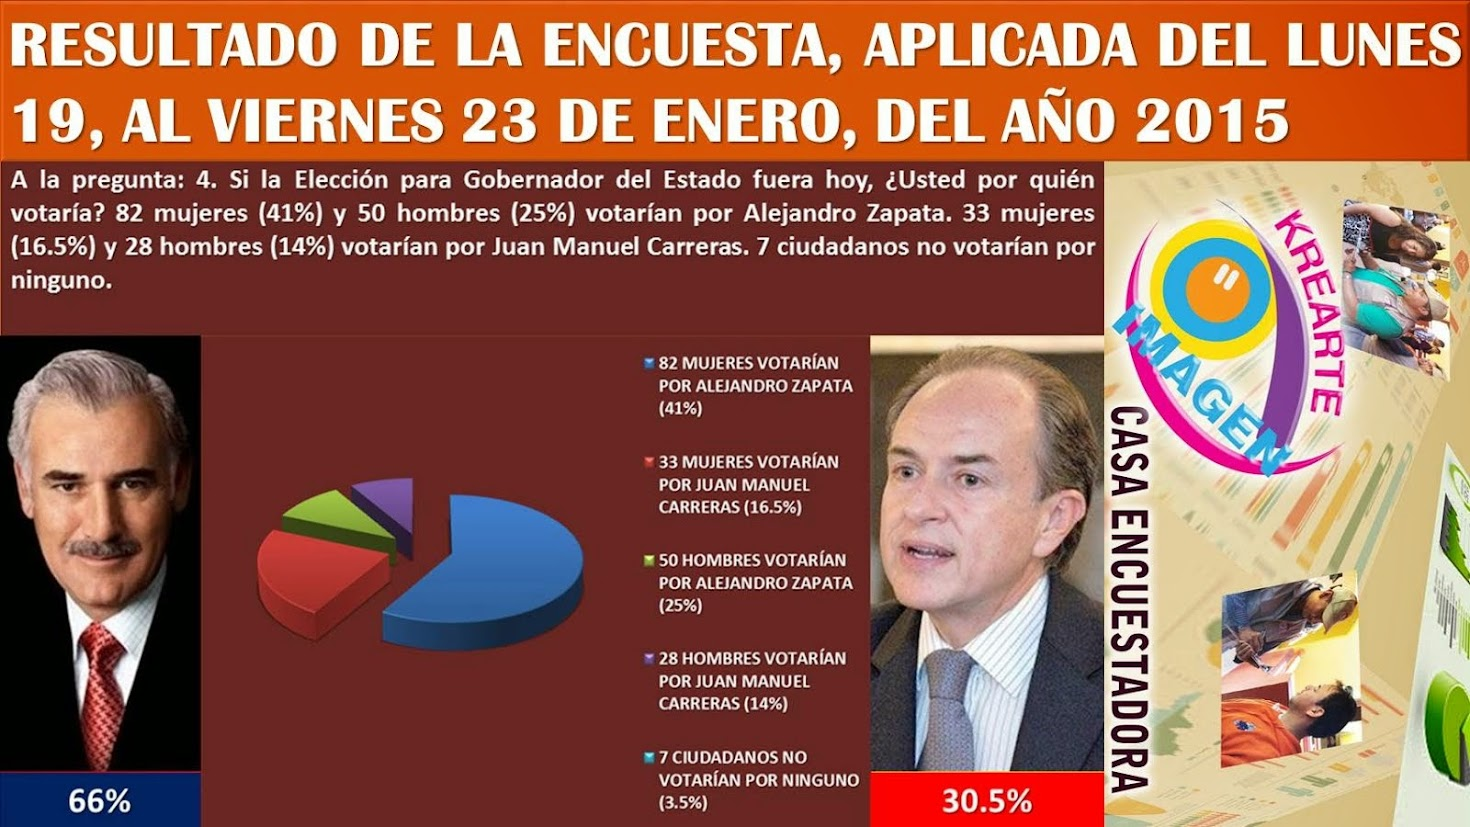 ELECCIONES 2015, EN EL ESTADO DE SAN LUIS POTOSÍ, MÉXICO.